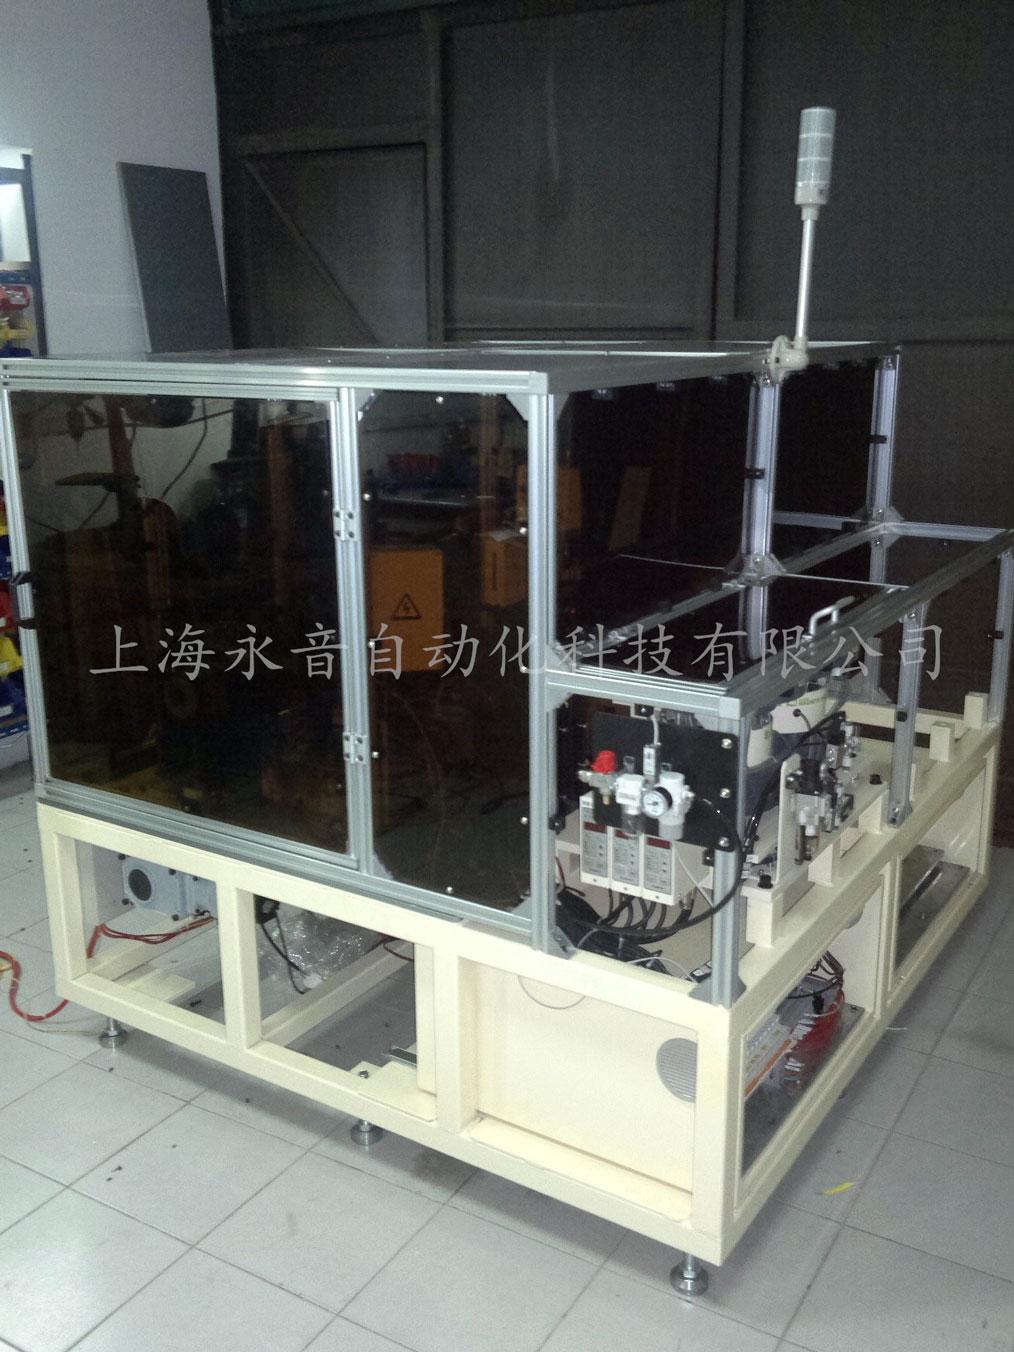 上海汽车非标设备厂家